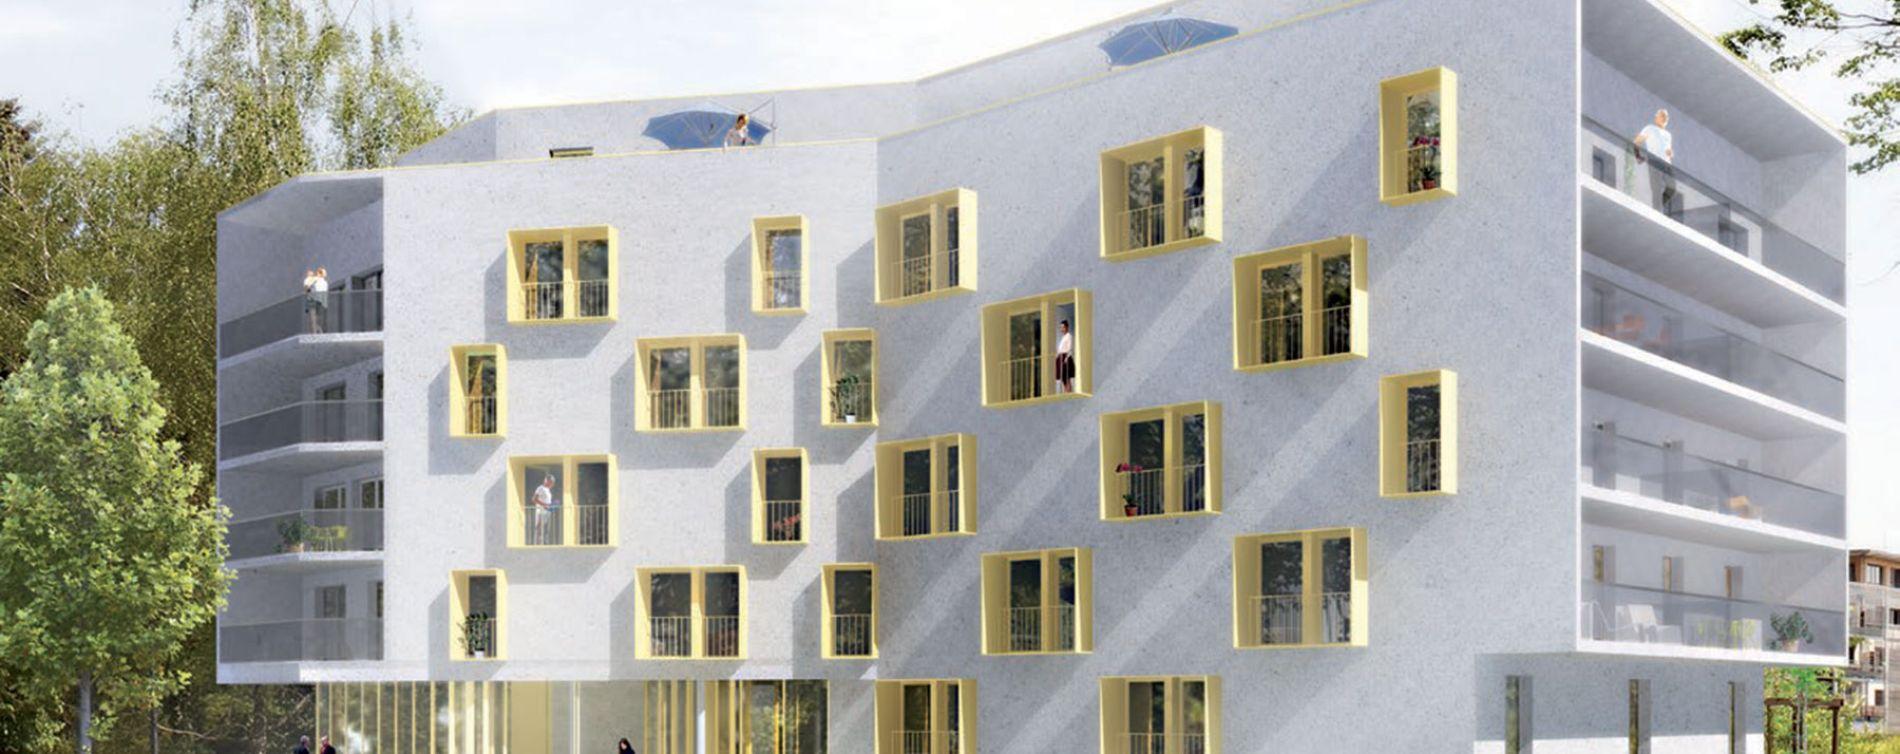 Résidence Divercity Hyacinthe à Dijon